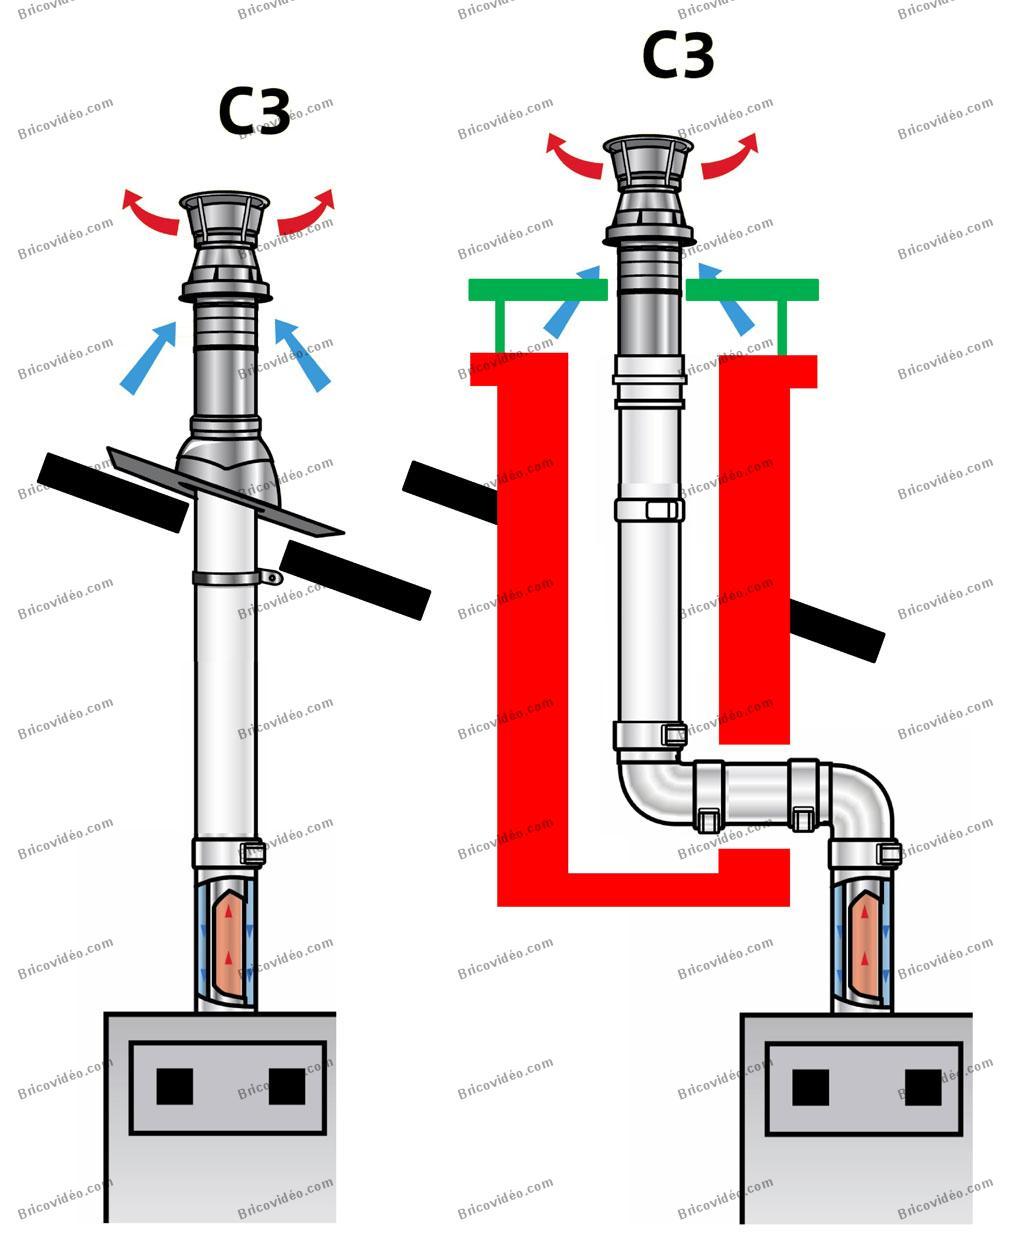 D co chauffage cheminee saint denis 3113 chauffage au sol electrique avi - Chauffage au sol electrique avis ...